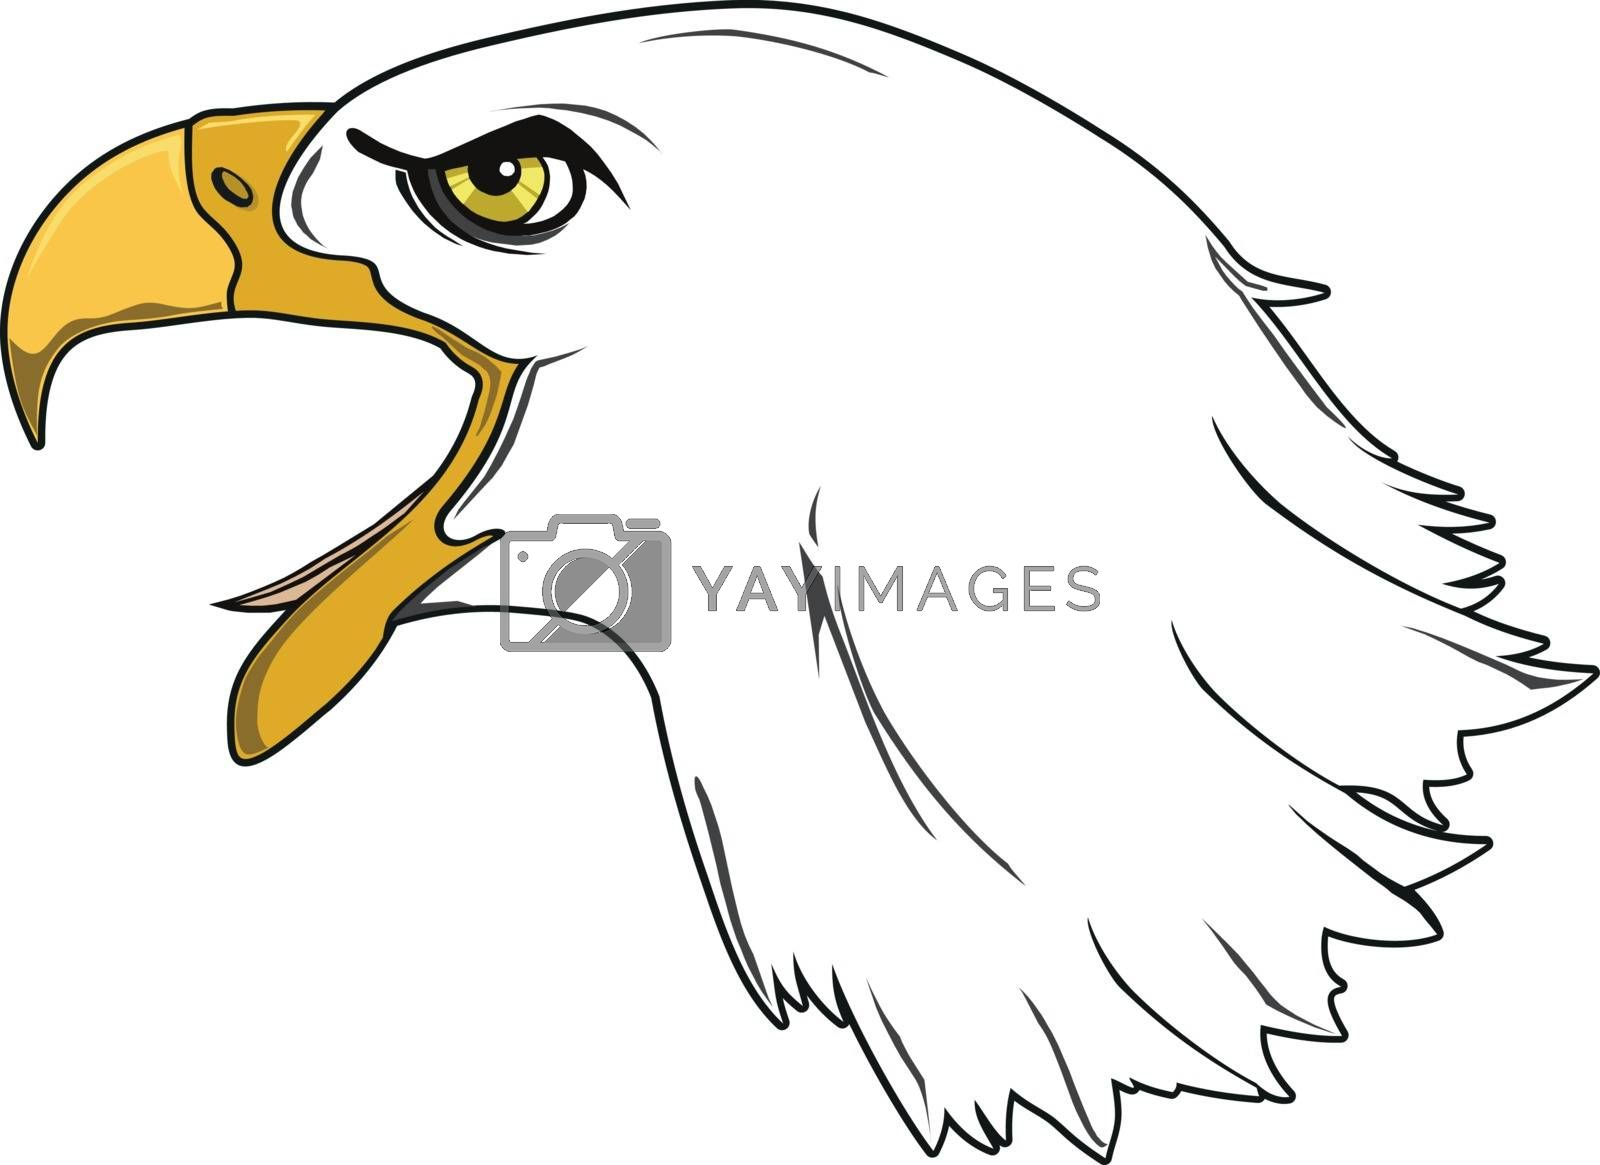 ROYAL EAGLE by samandale